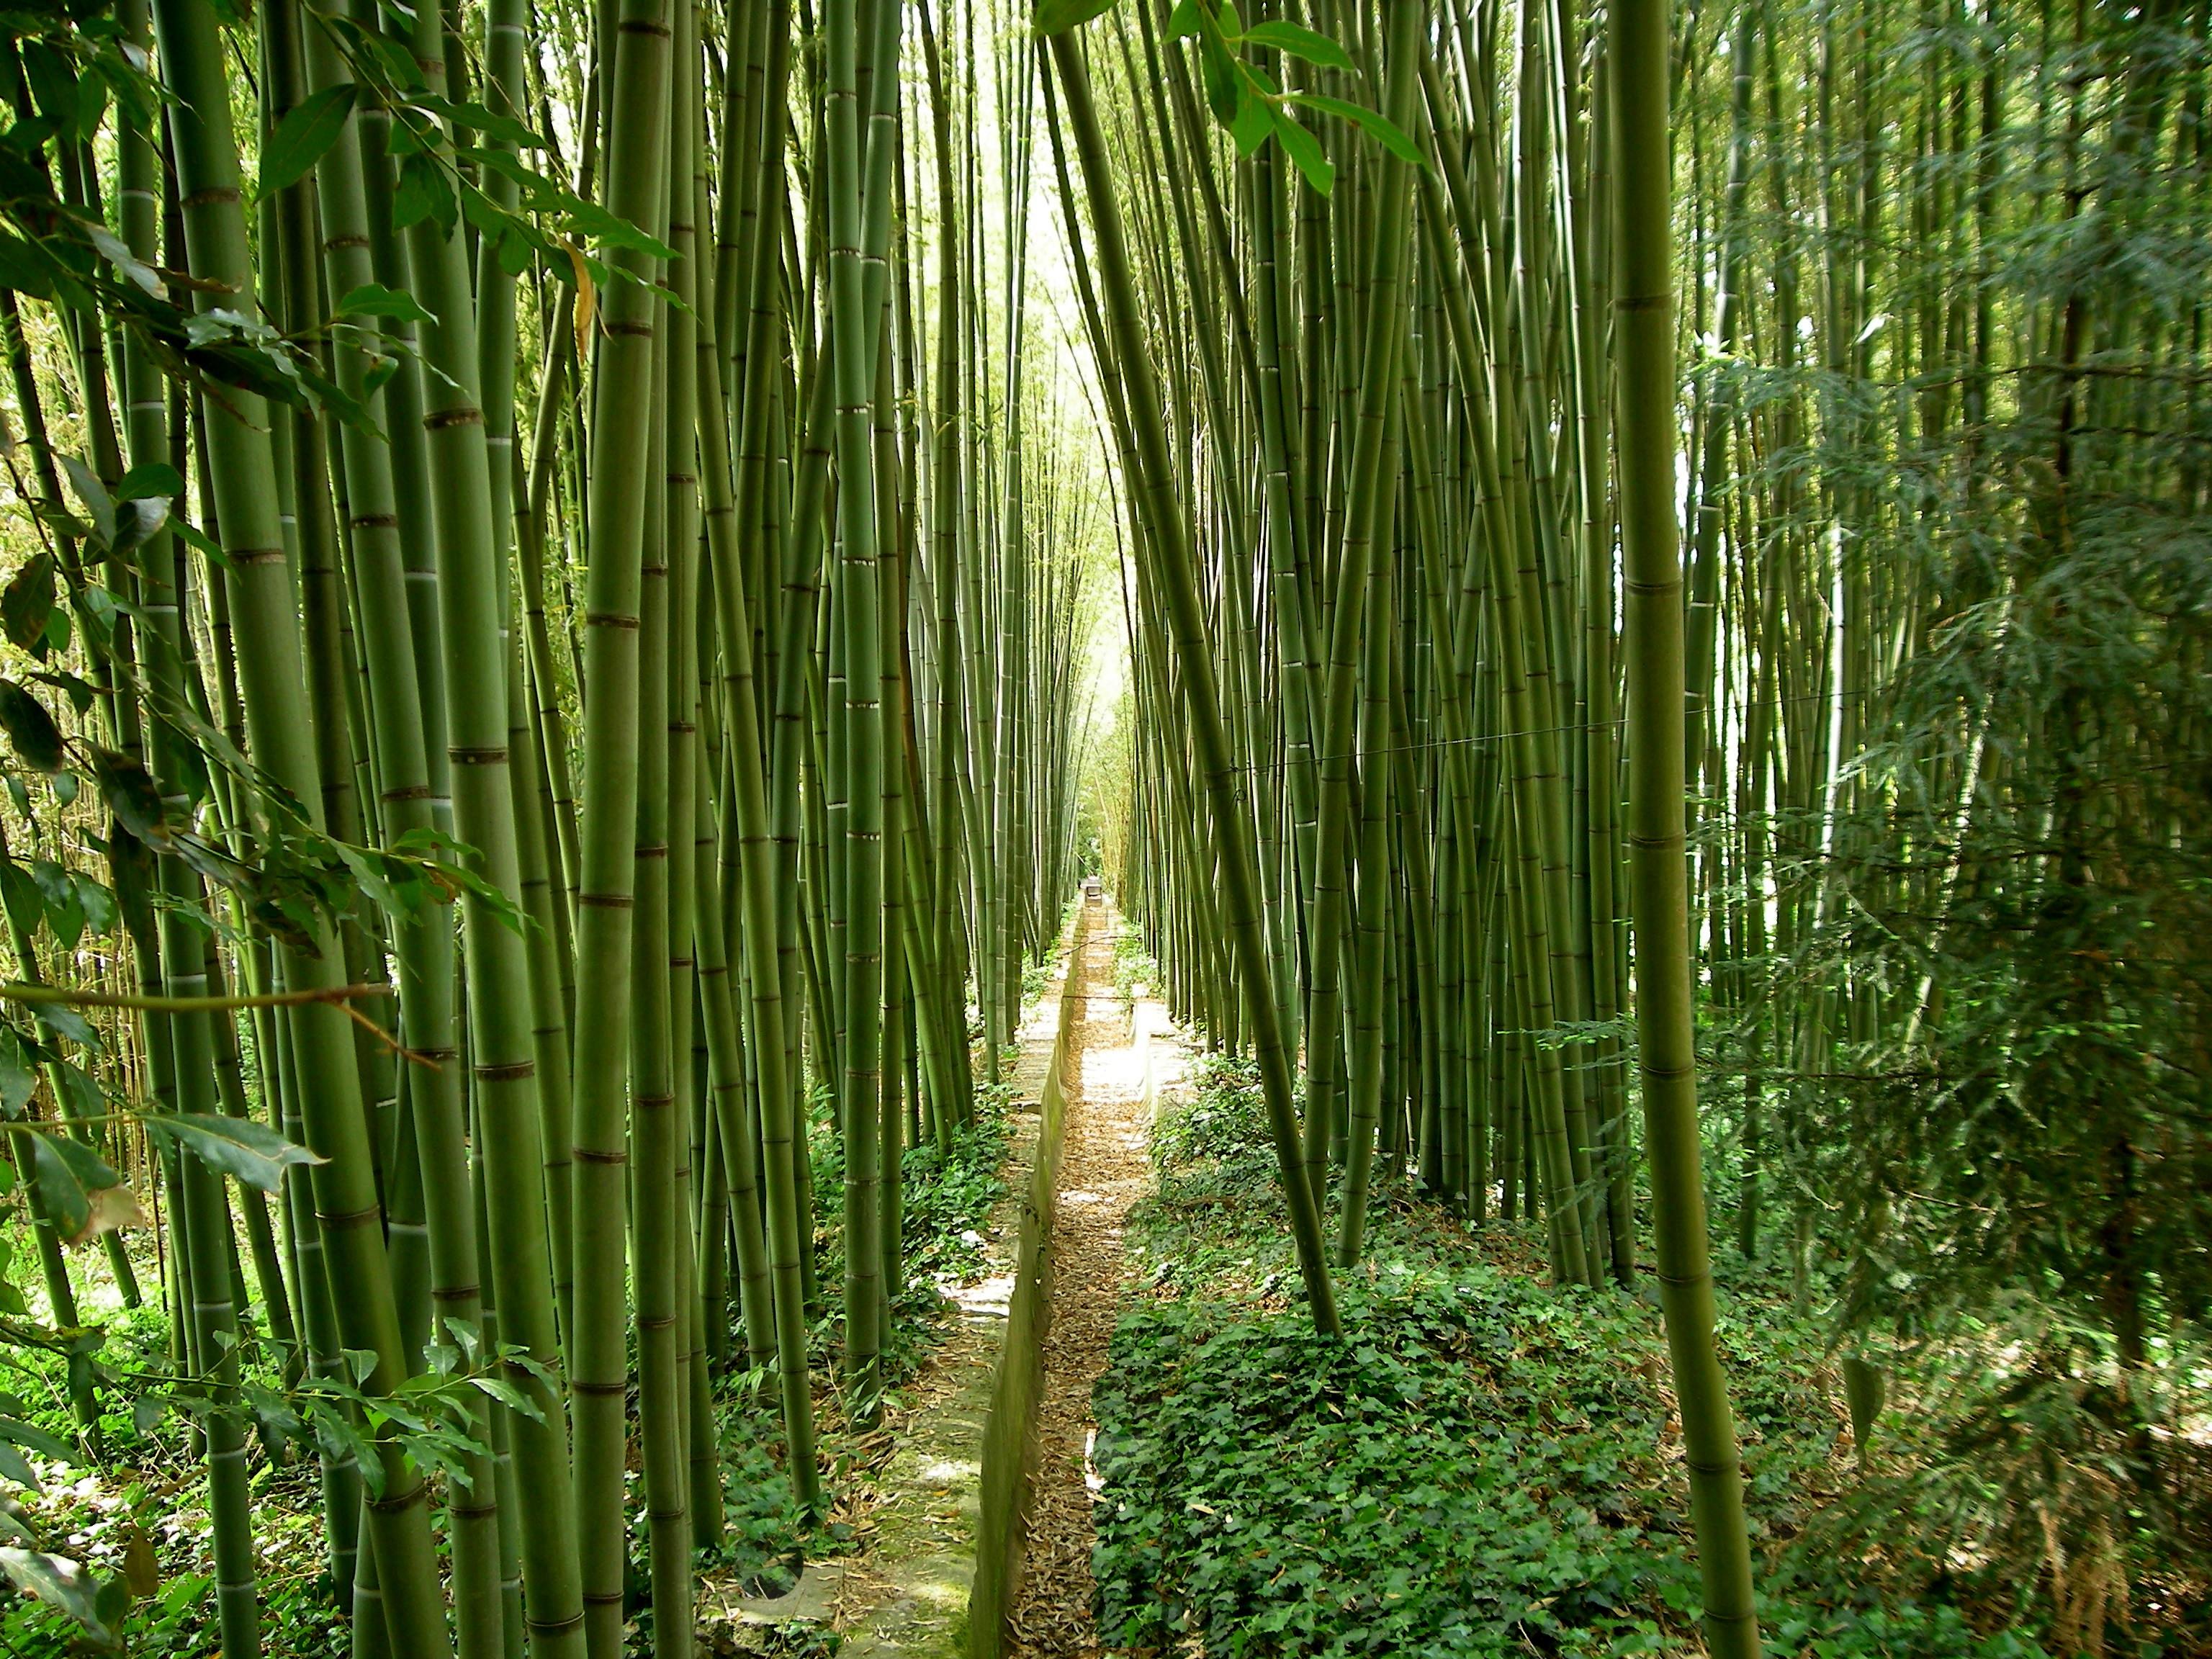 Gratis billeder tr skov gr s afdeling sollys blad - Plante jungle ...